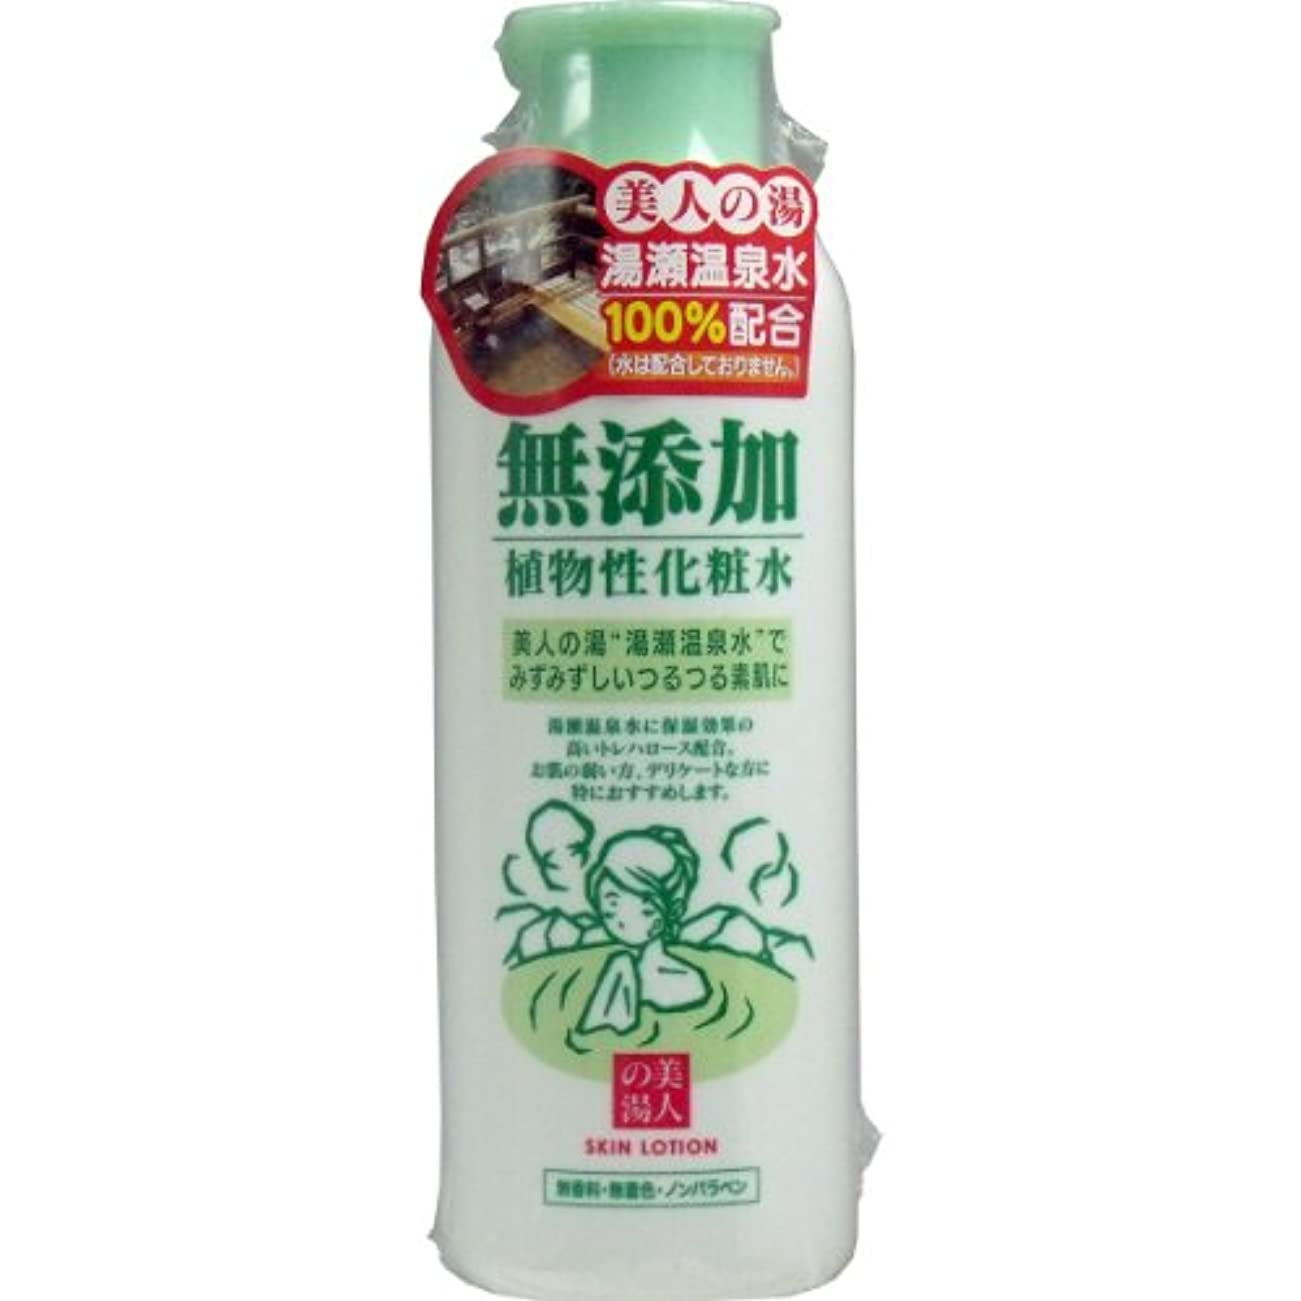 工業用増加する消去ユゼ 無添加植物性 化粧水 200ml 【3セット】